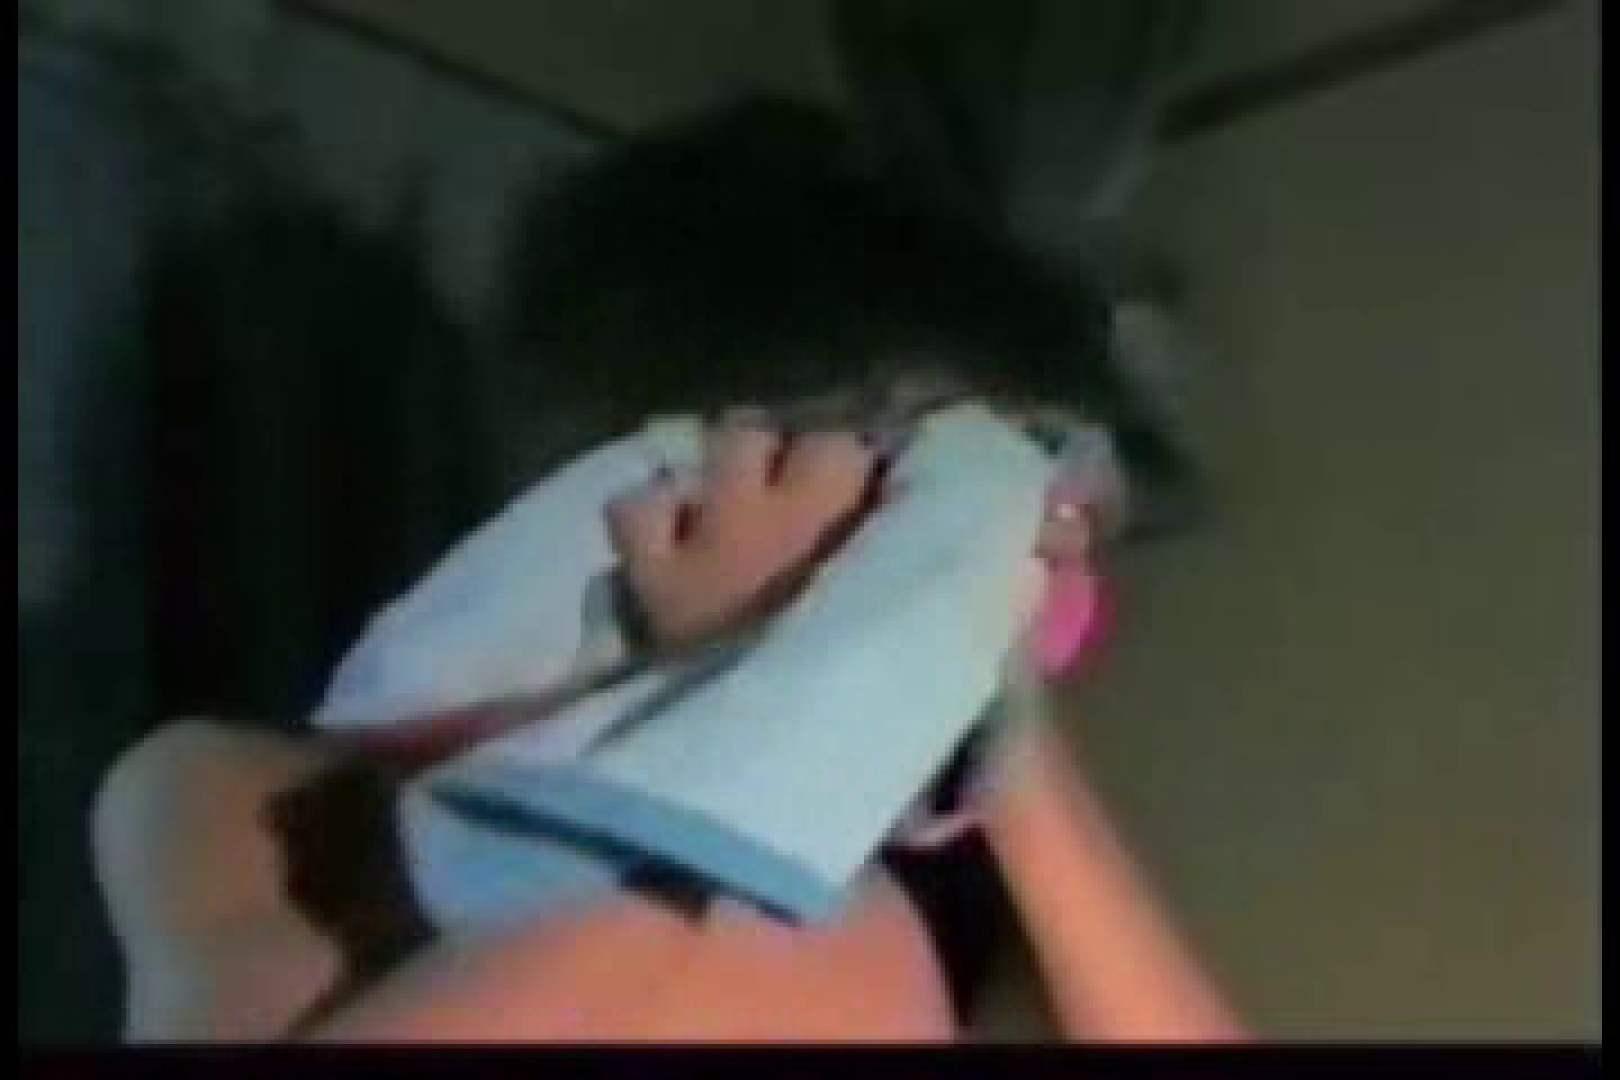 【個人製作】若き男子たちのジャム遊び お口で! ゲイエロ動画 65pic 17